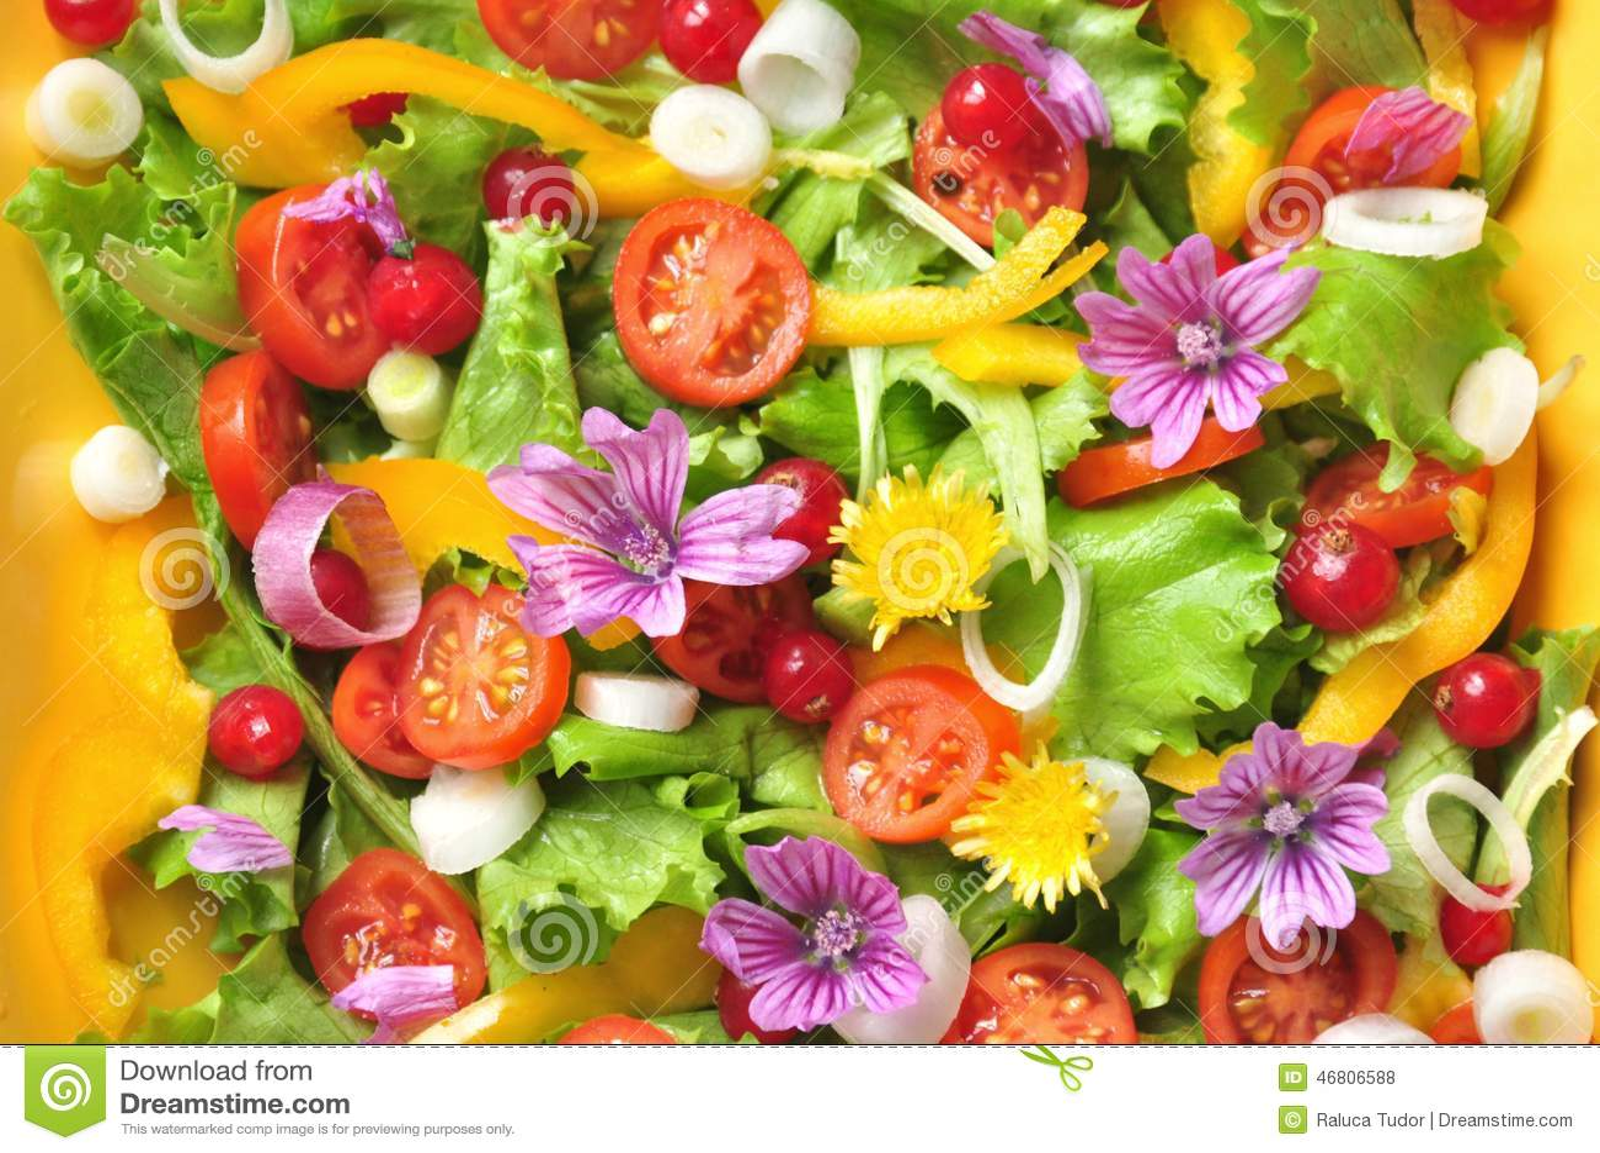 Alkalische Kleurrijke Salade Met Bloemen Fruit En